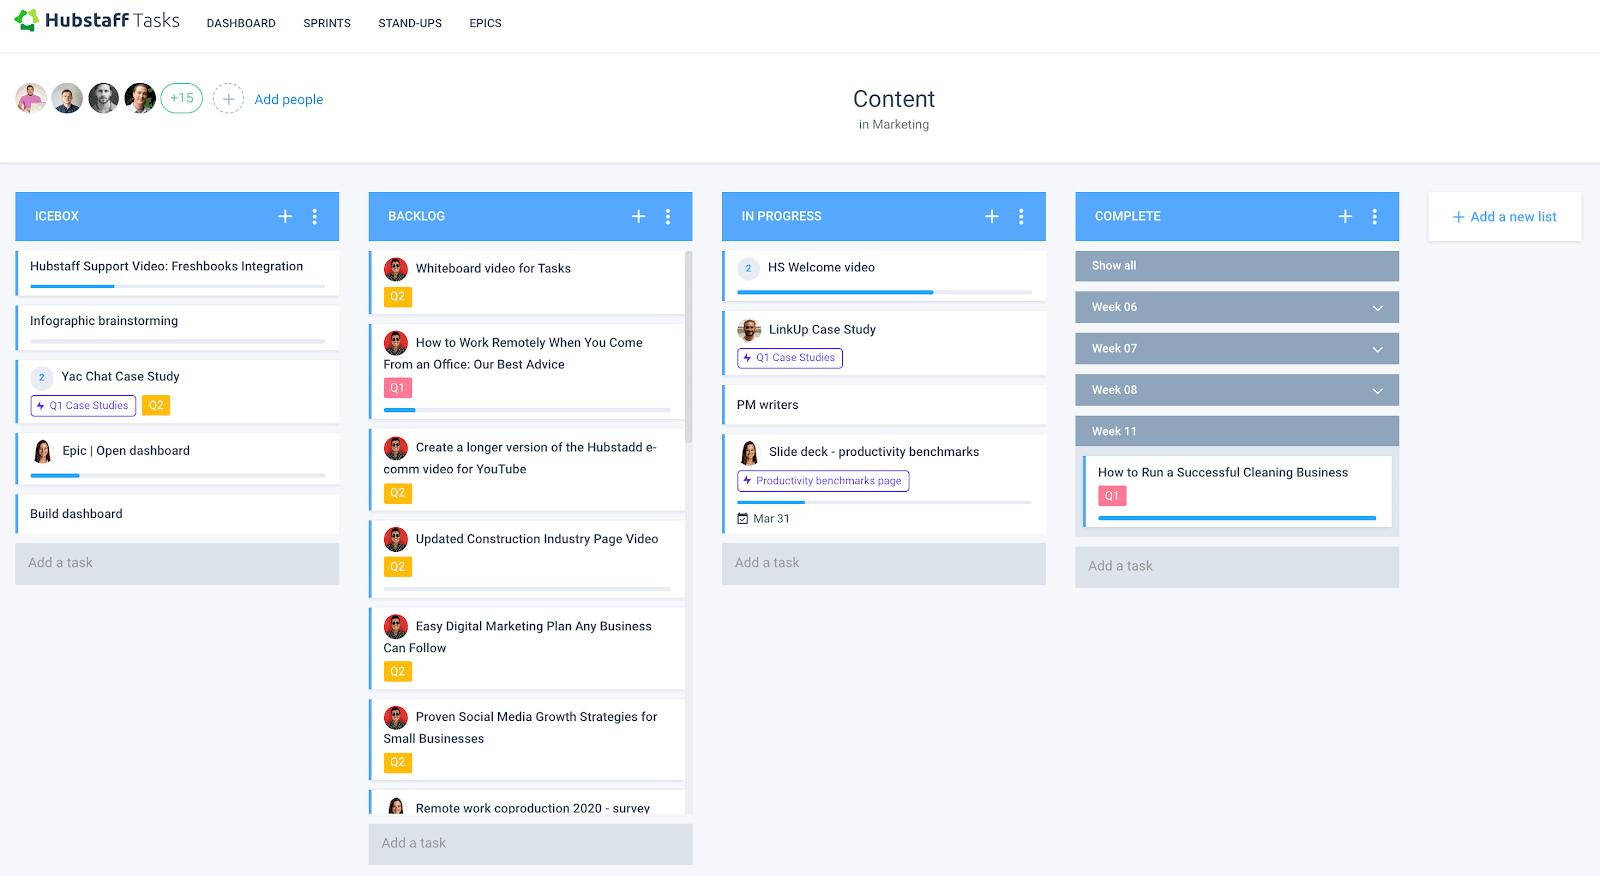 Tasks workflow